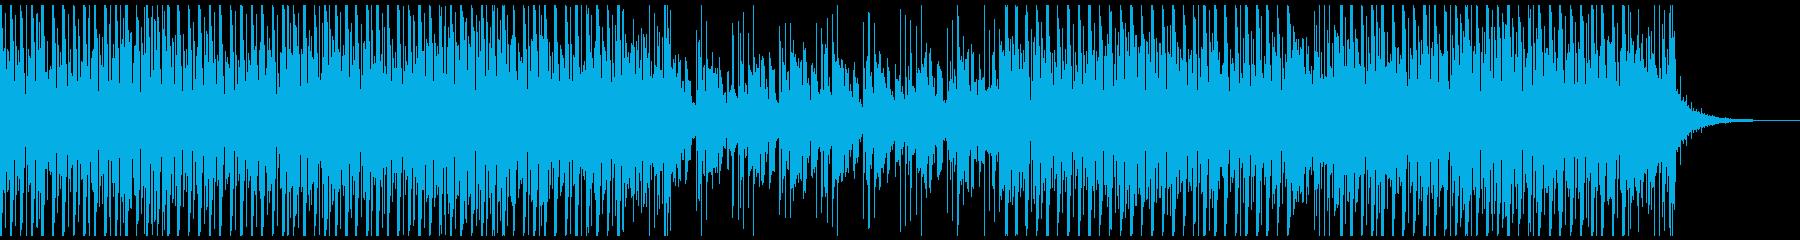 サンシャイン(中)の再生済みの波形